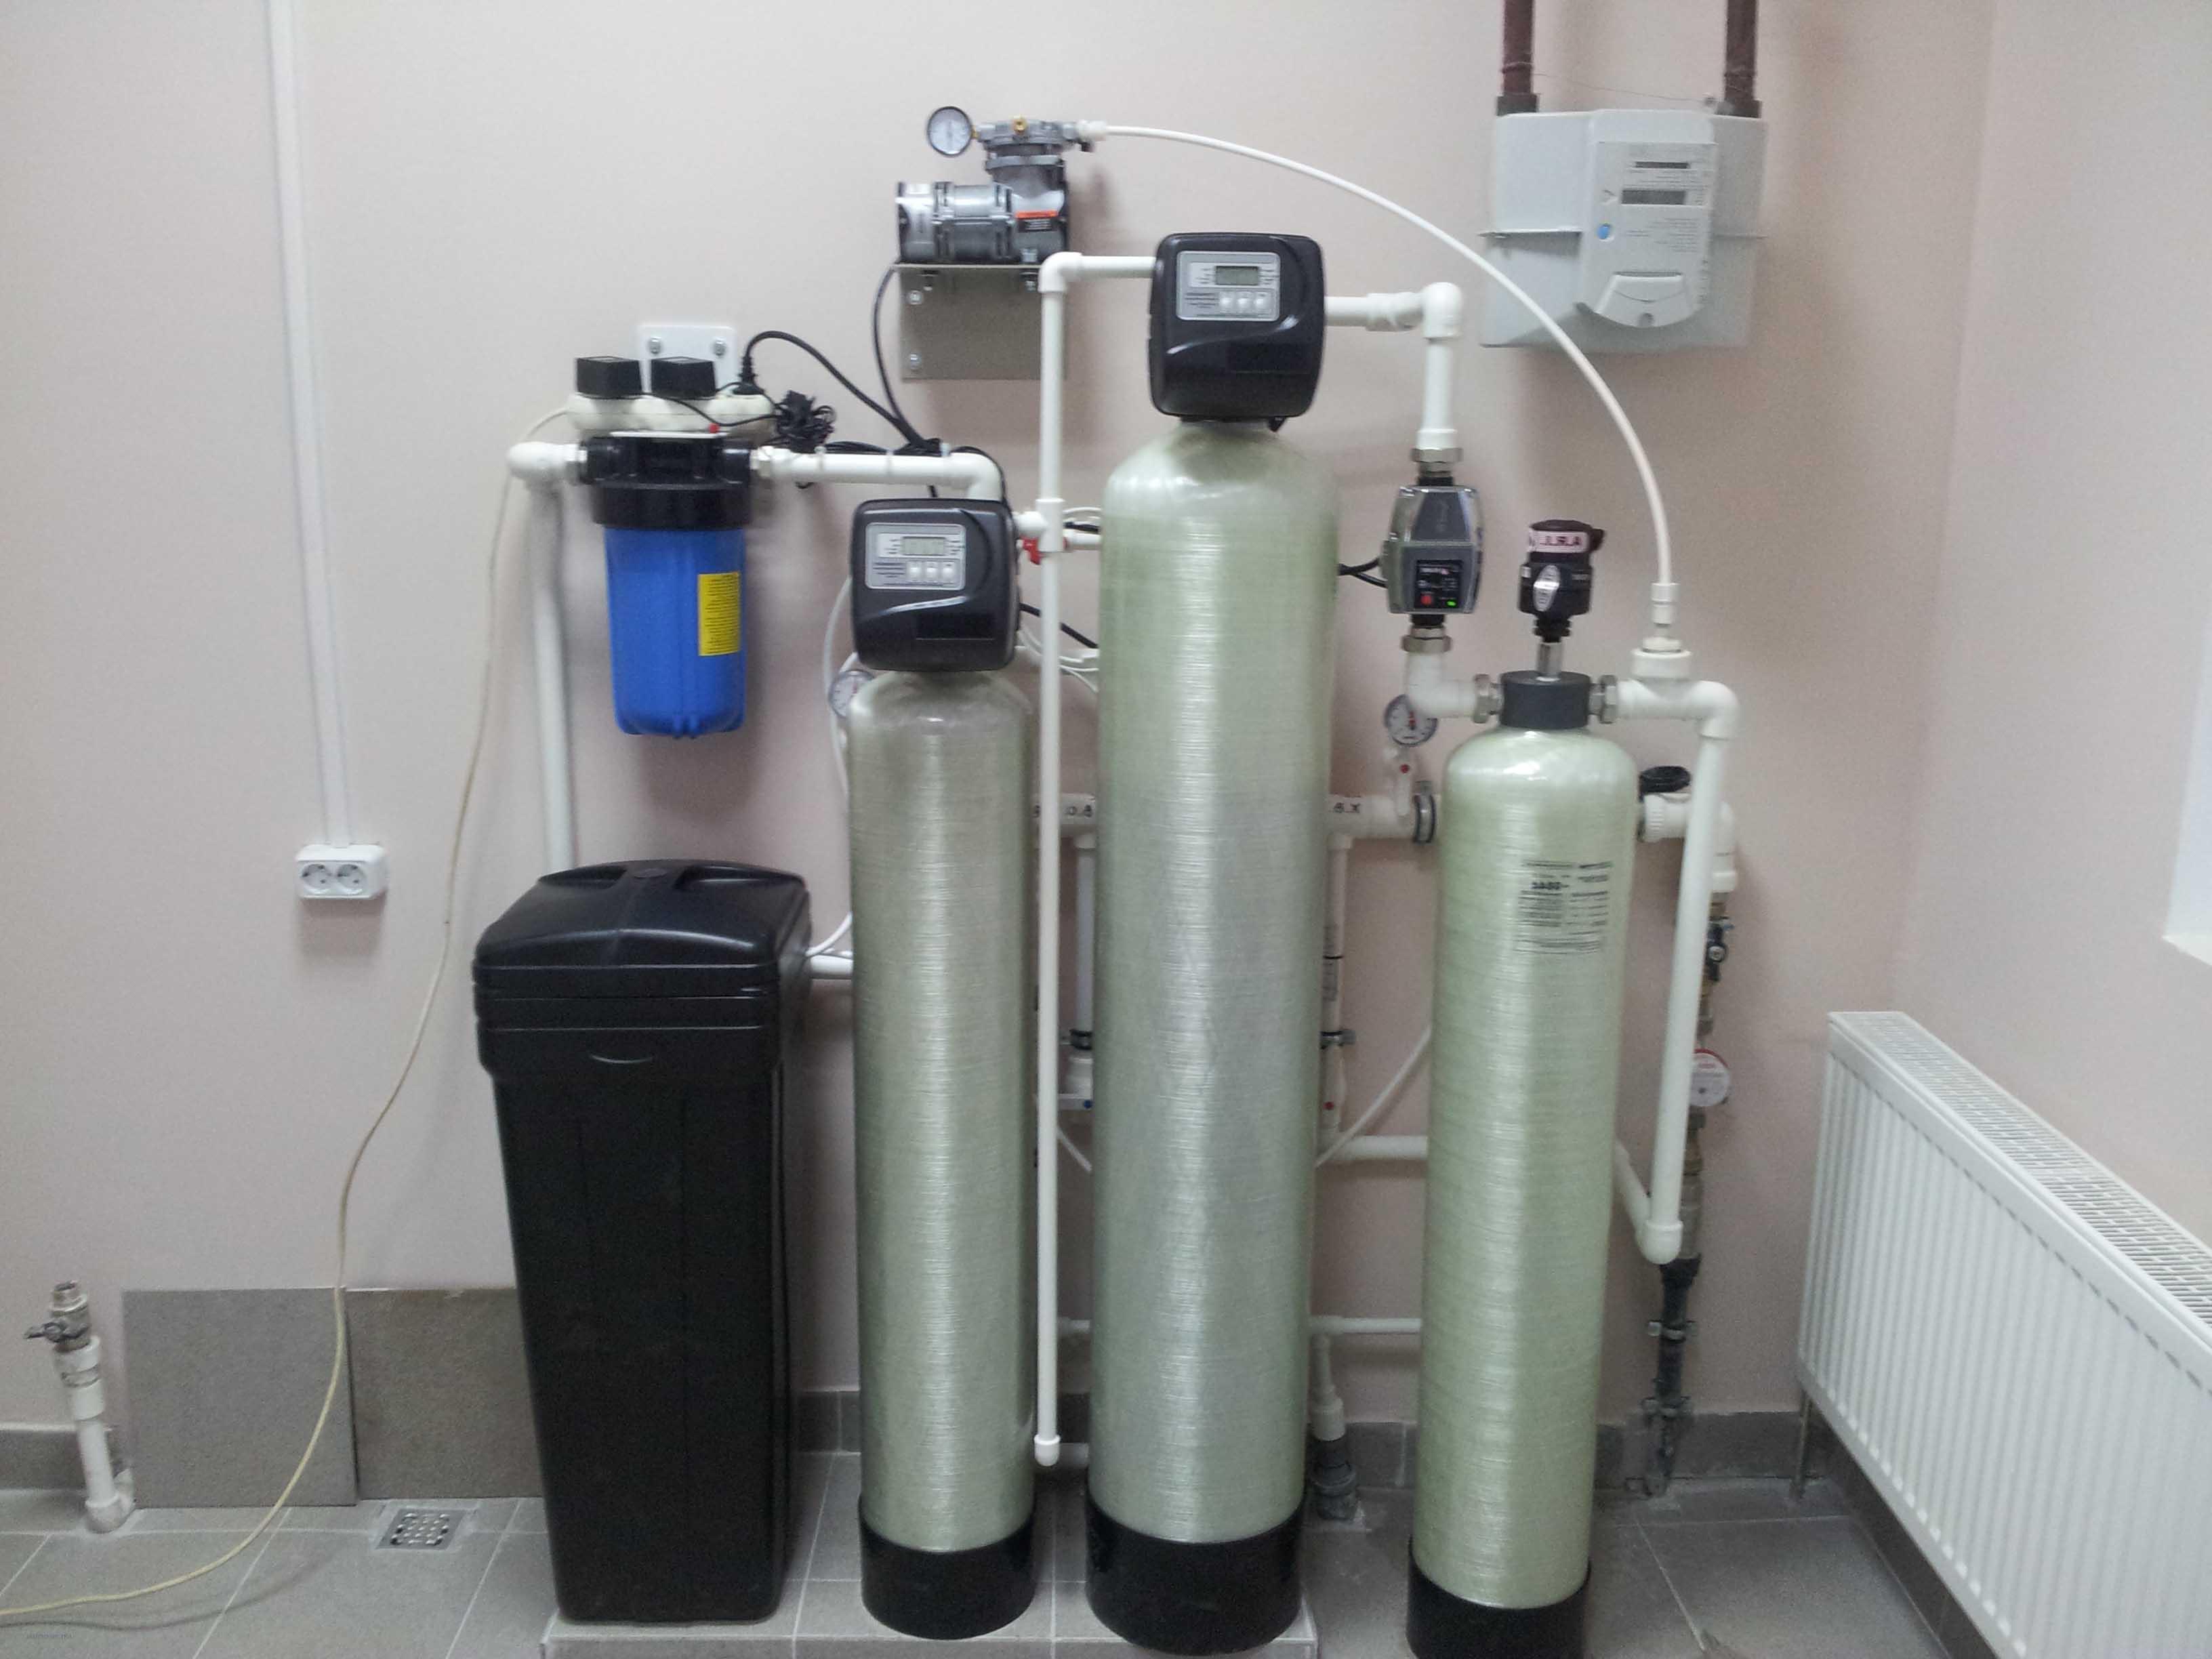 Очистка воды из скважины, очистка воды из скважины в загородном доме до питьевой